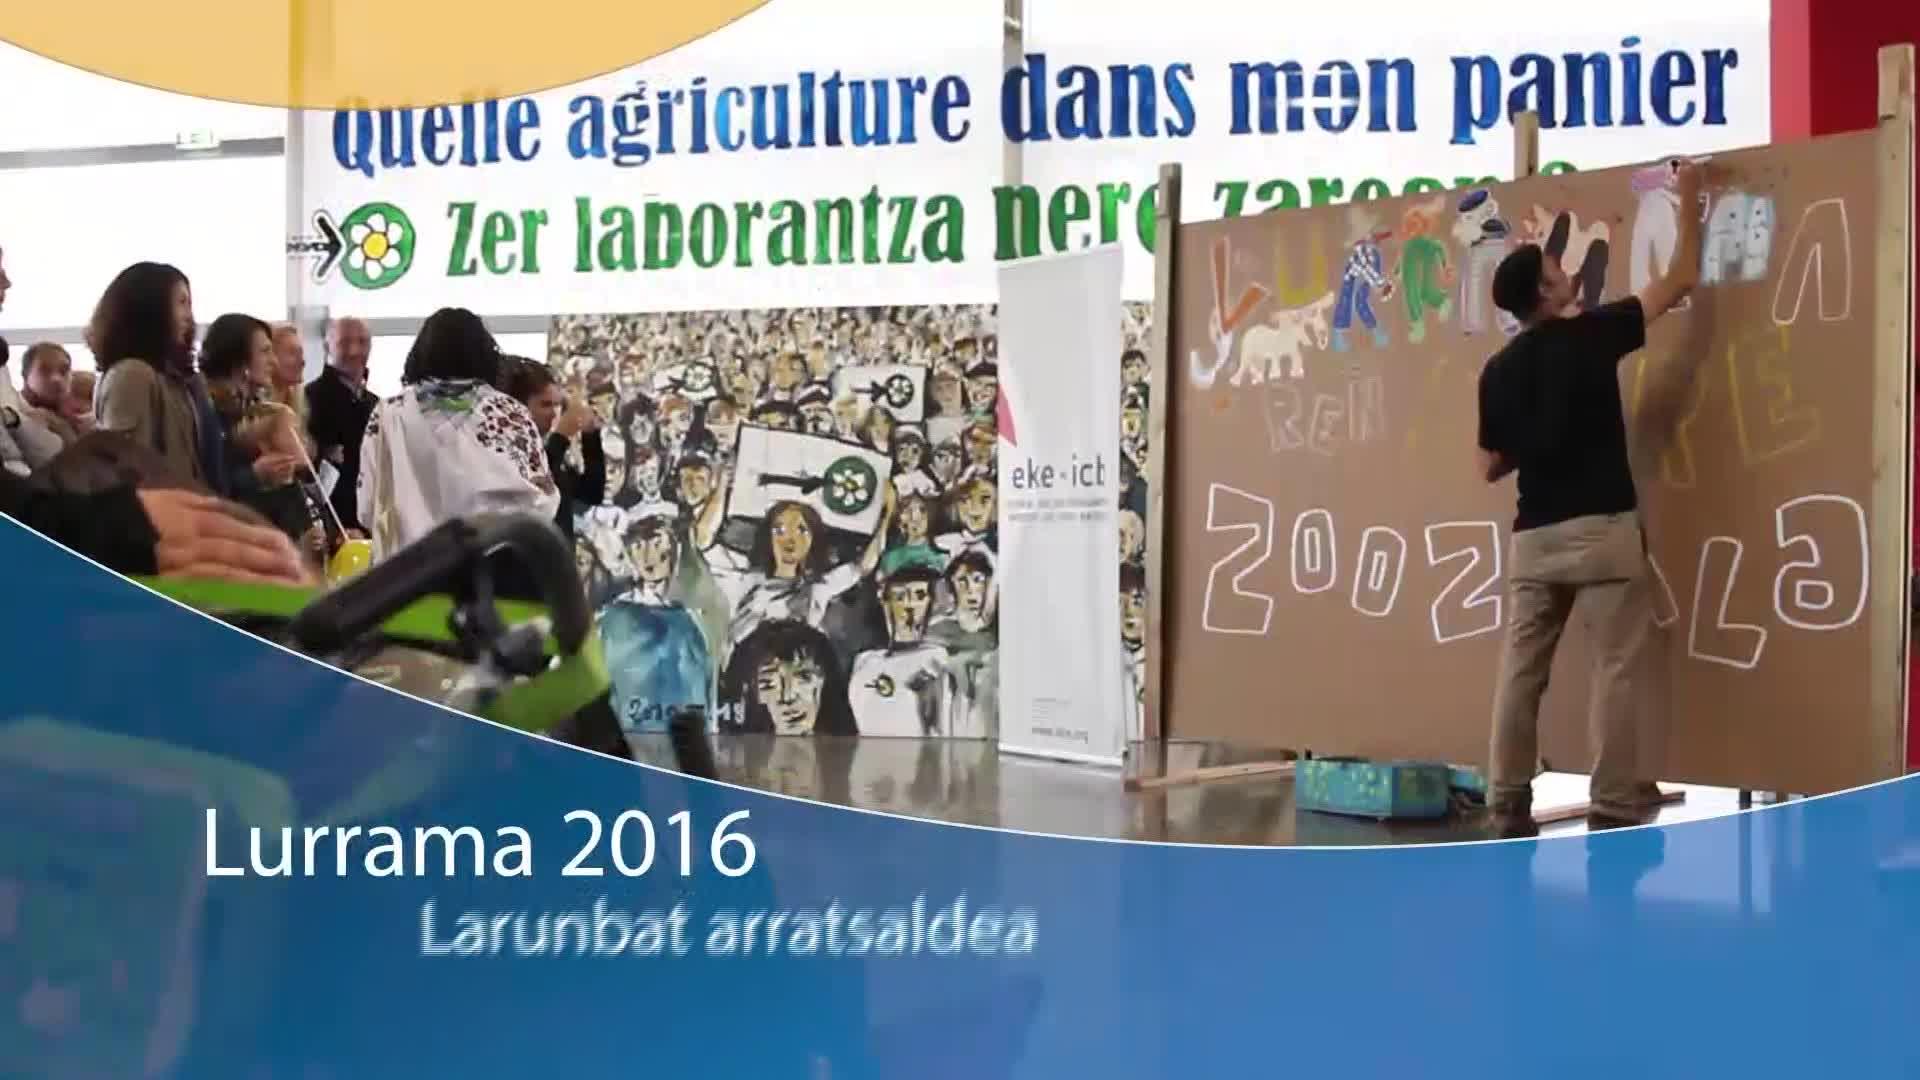 LURRAMA 2016: Larunbat arratsaldea iruditan